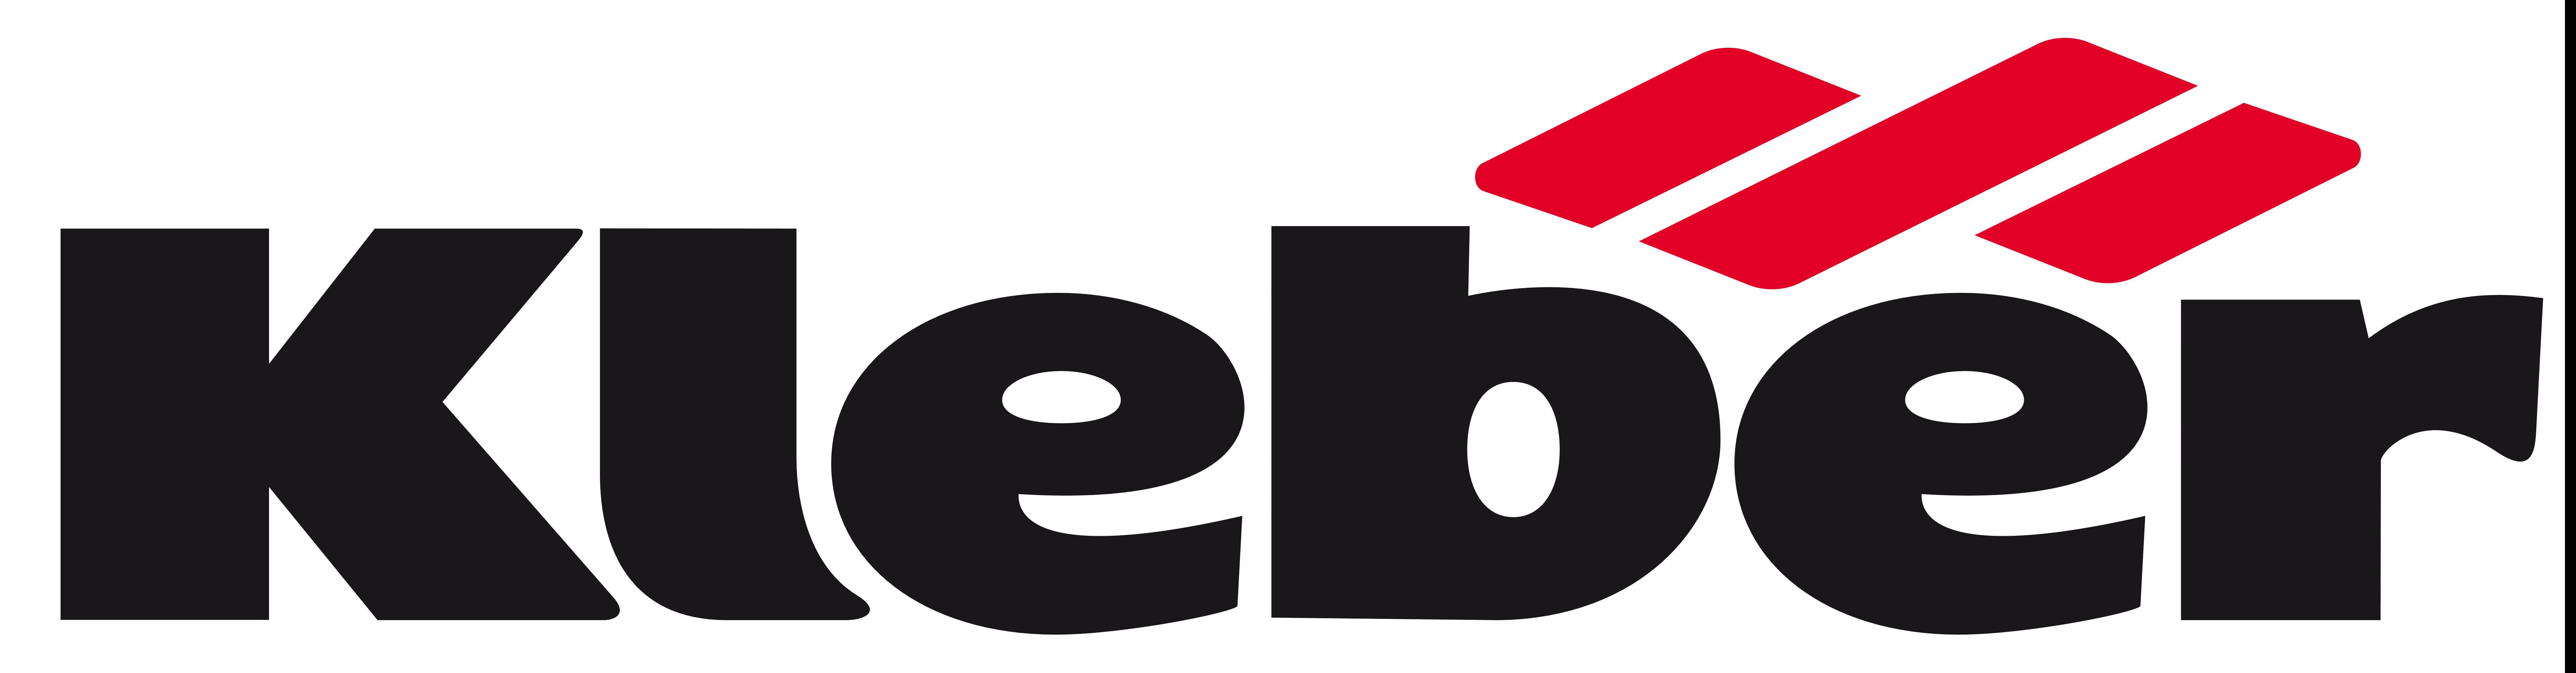 Kleber Logos Download